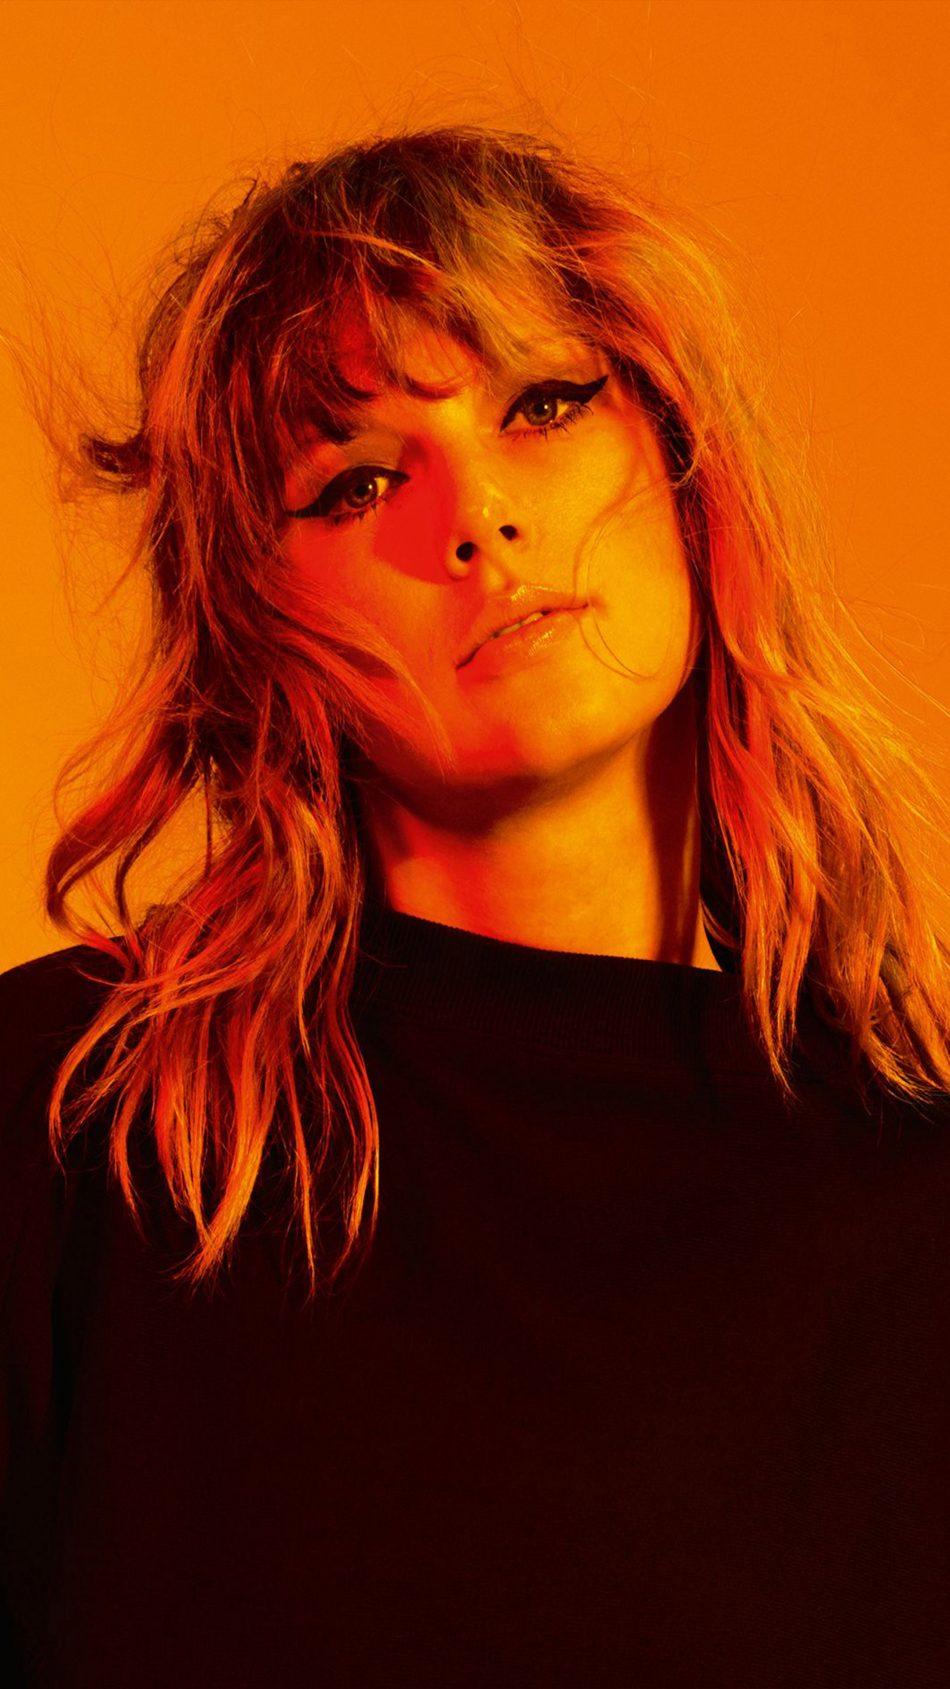 Taylor Swift 2018 New Look 4K Ultra HD Mobile Wallpaper